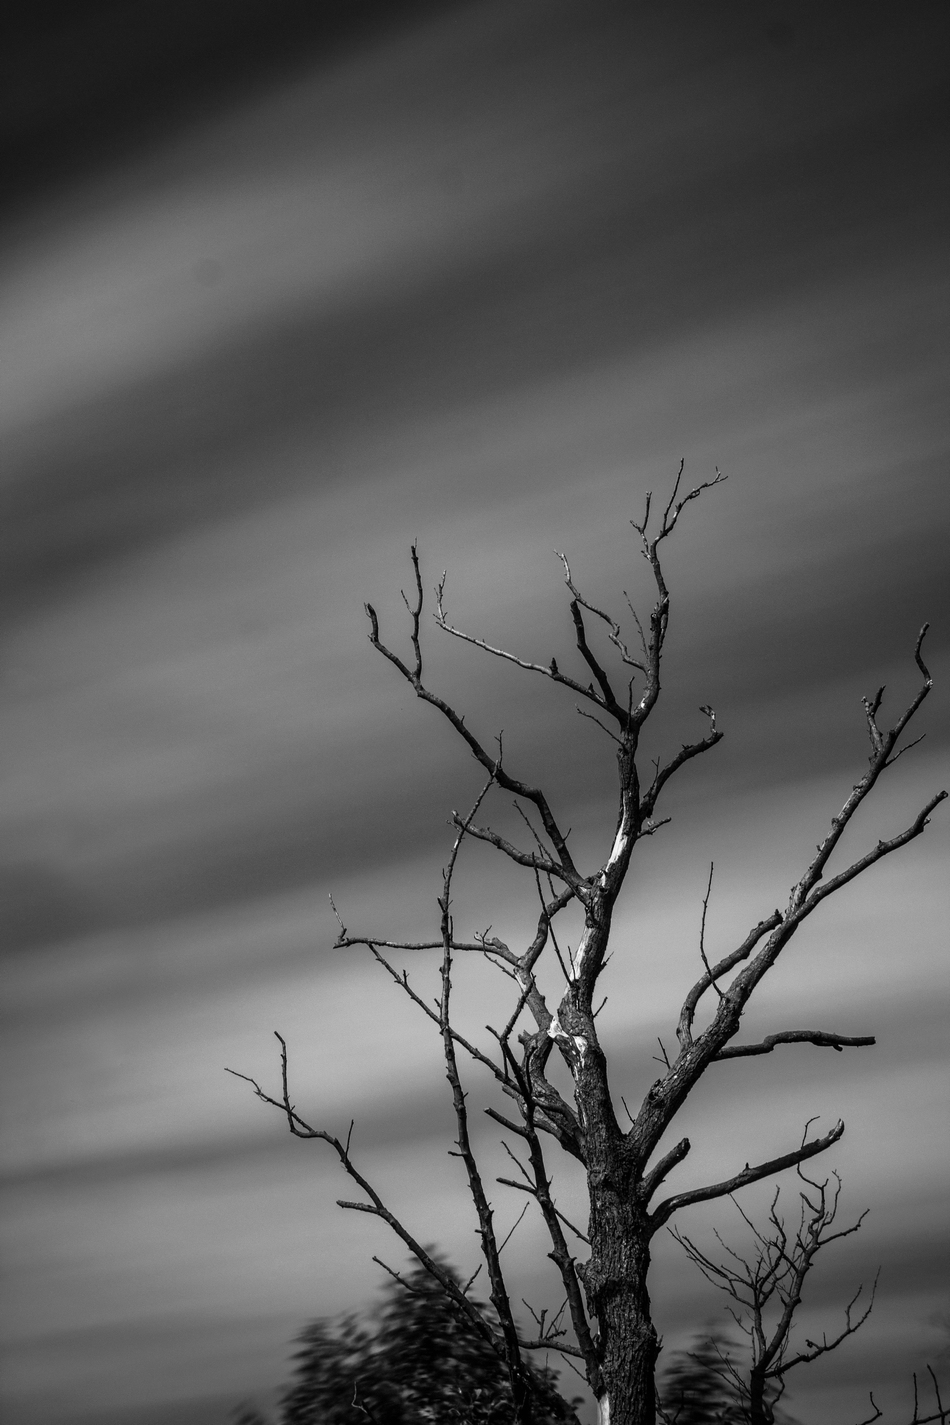 Wolkenfantasie in S/W